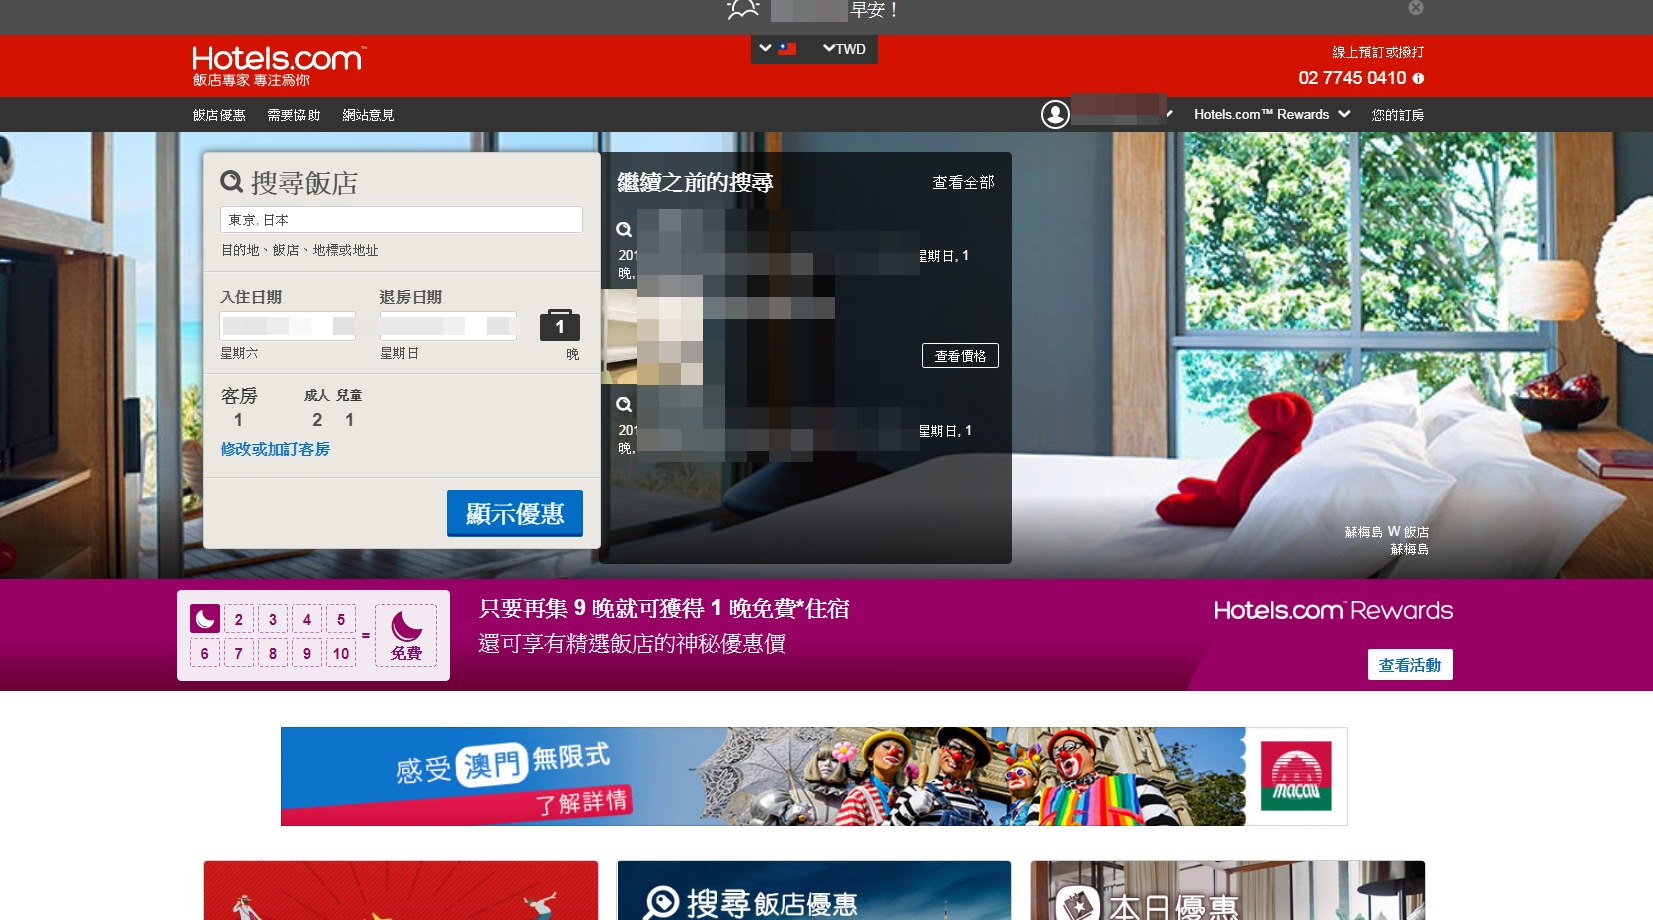 日本訂房 國外訂房網站hotels.com 國外交易手續費 申請退款經驗 優惠券很劃算 - 晴天散步